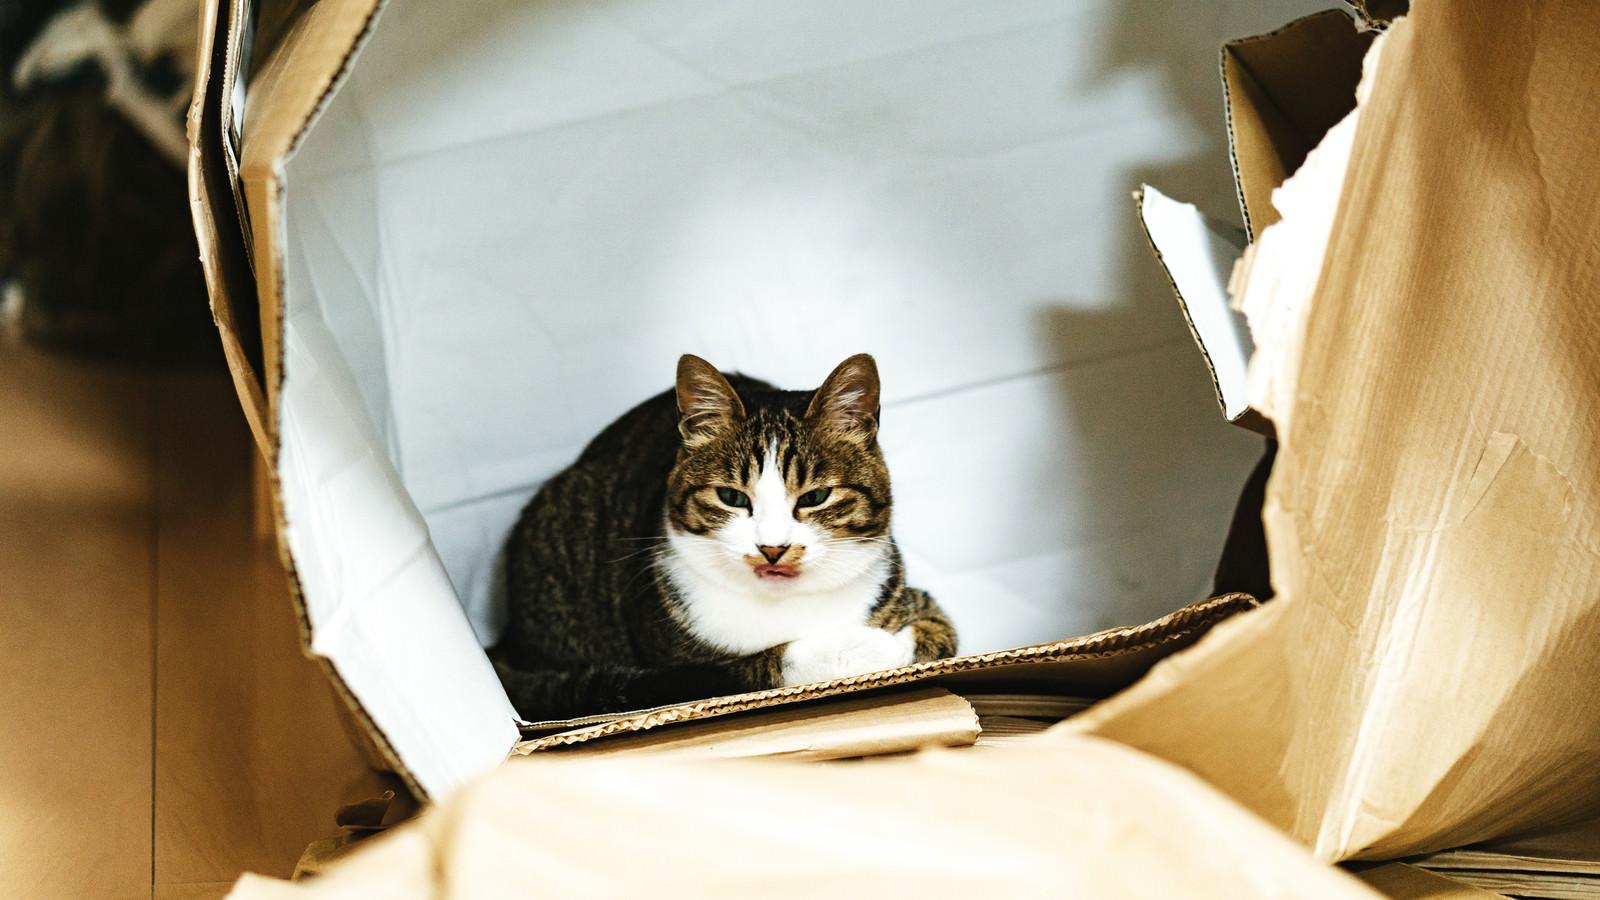 「破かれたダンボールの中で落ち着いた表情を見せる猫」の写真